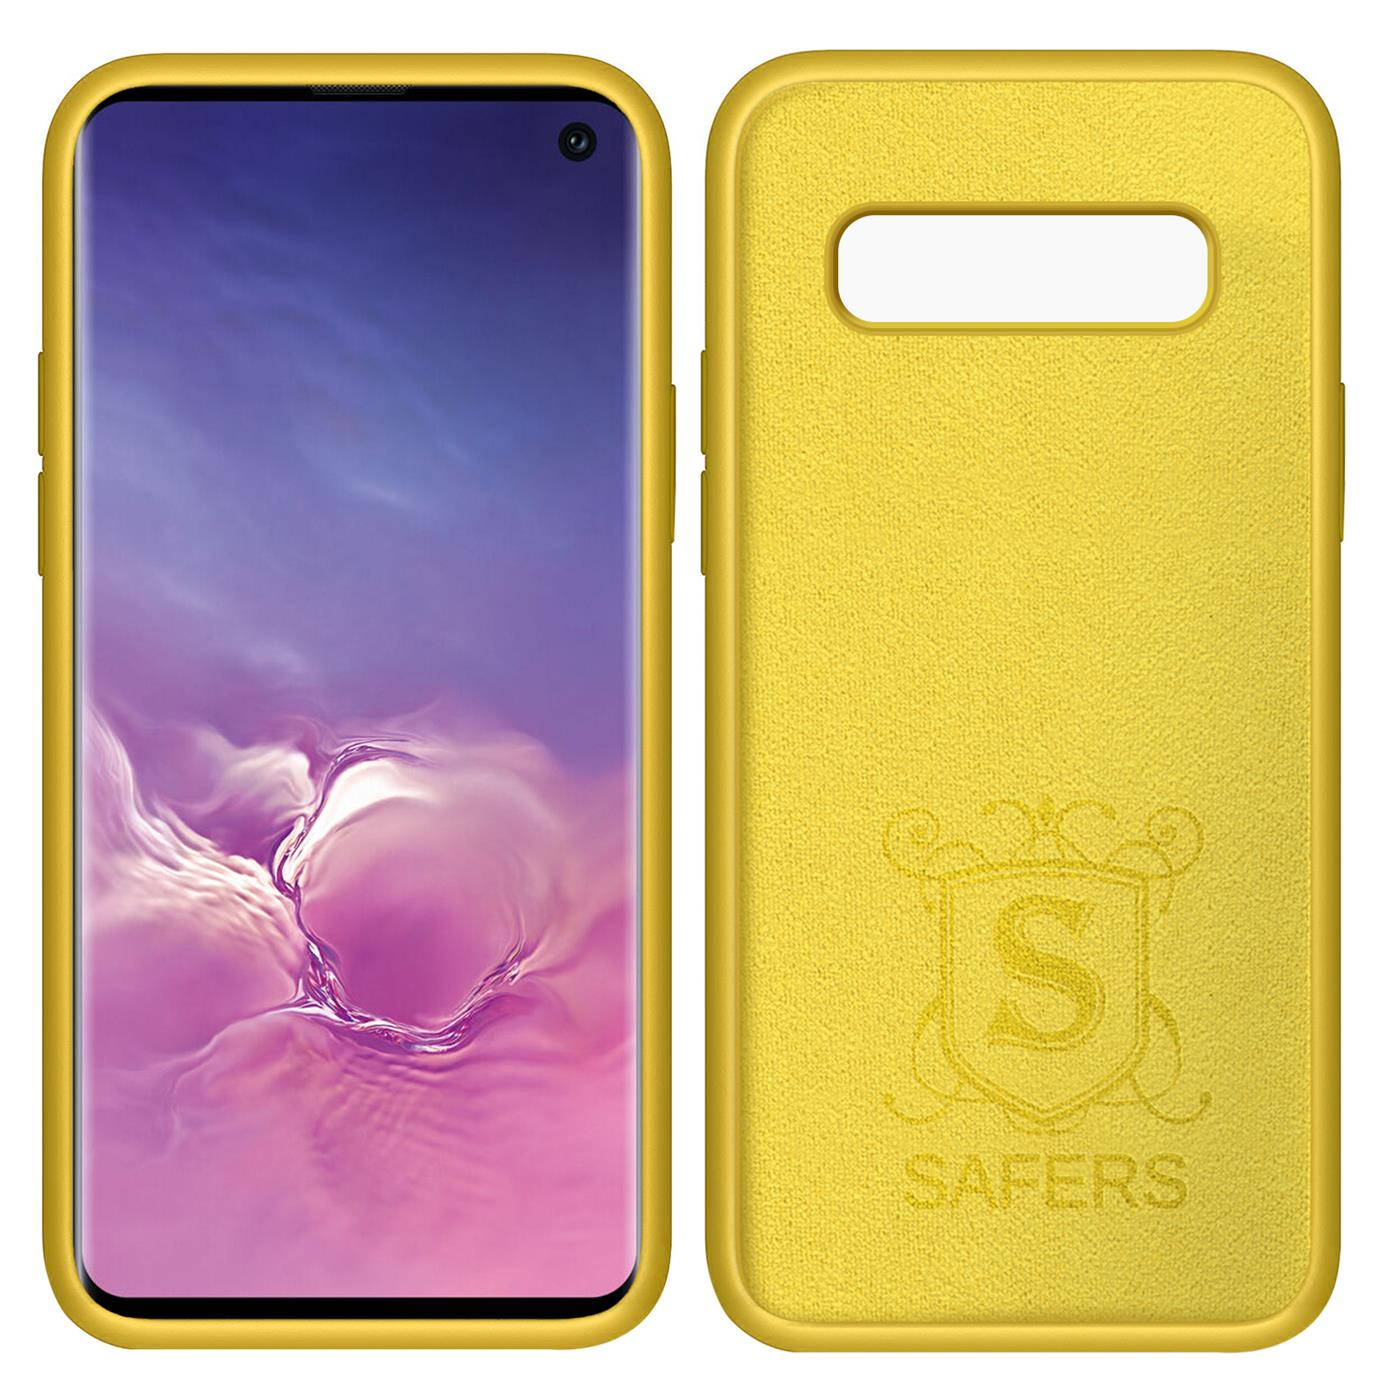 Huelle-Samsung-Galaxy-S10-Handy-Schutz-Cover-Silikon-Gel-Case-Handyhuelle-Tasche Indexbild 10